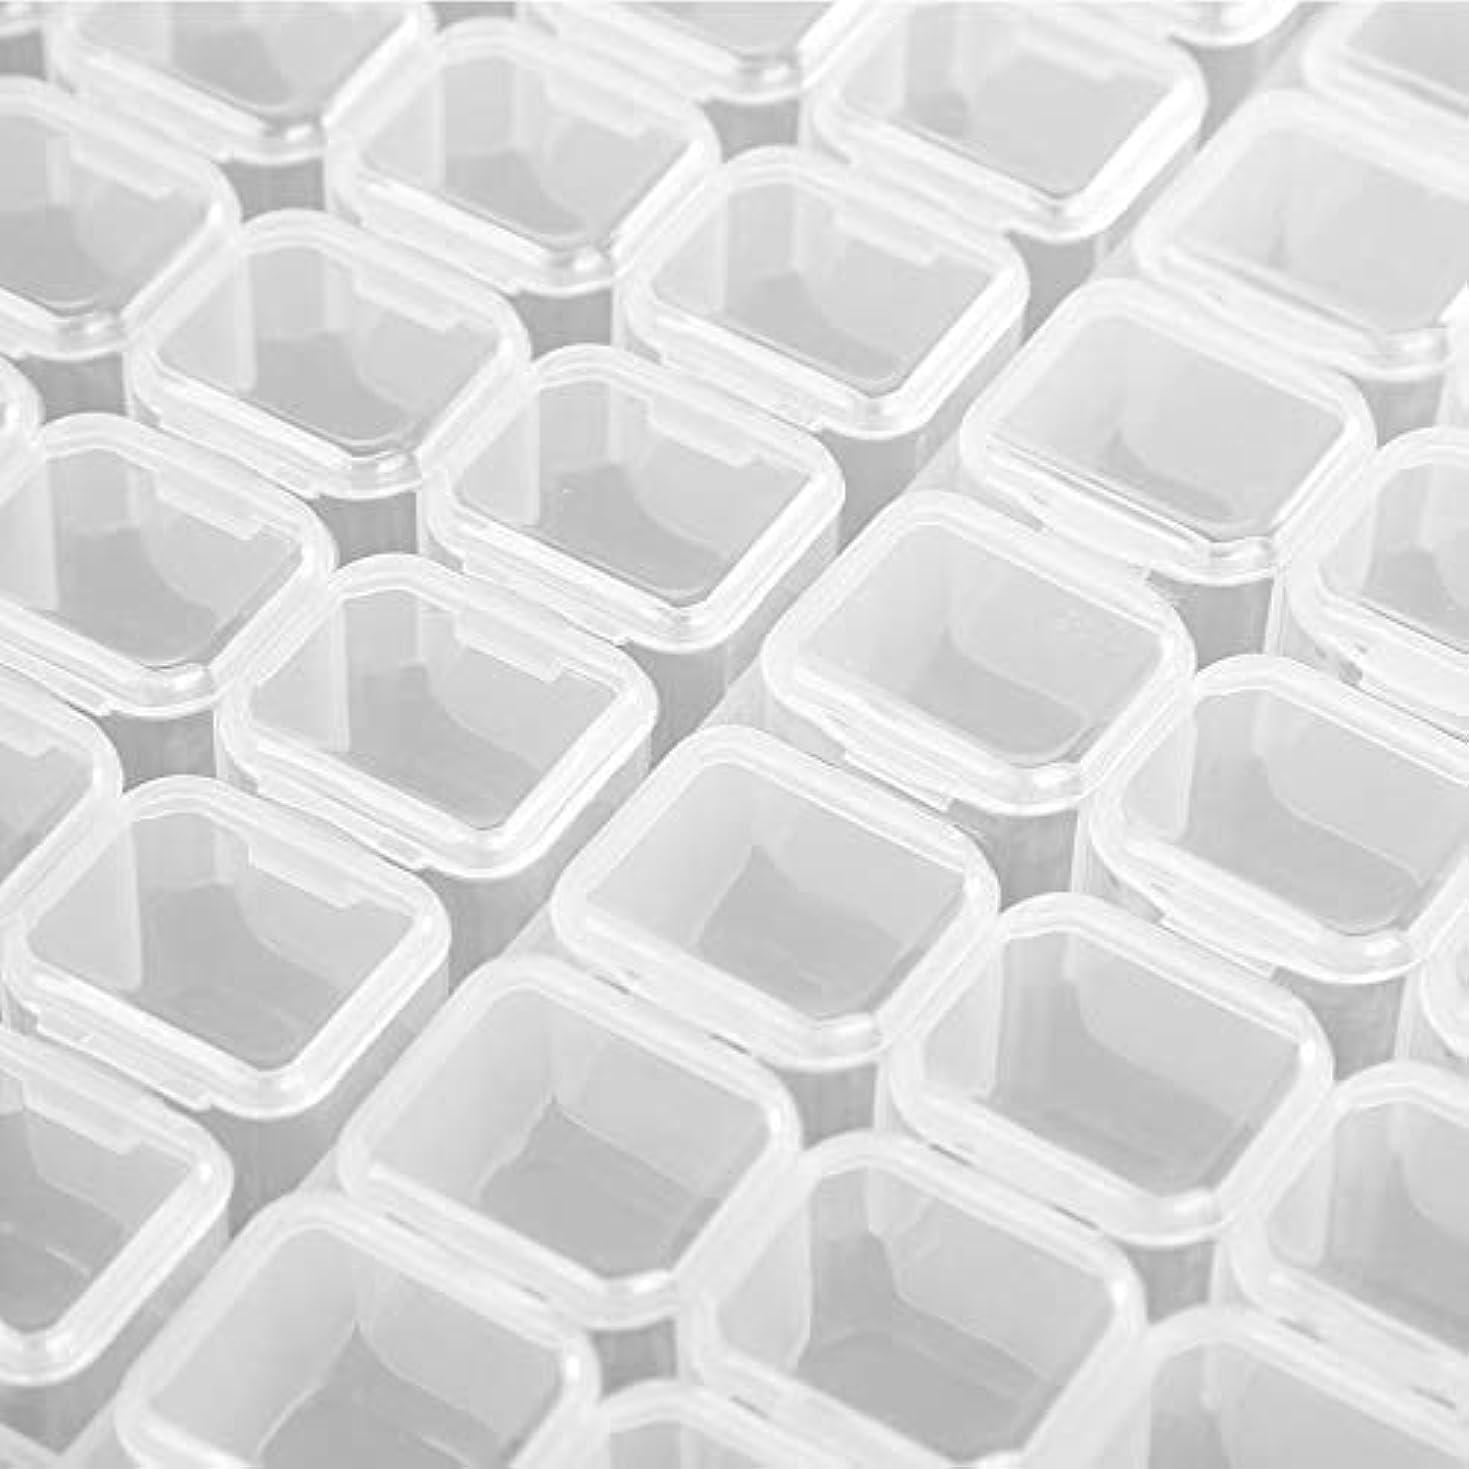 放映死にかけているぬれたネイルケース ネイル収納ボックス 小分け 収納 アクセサリー 収納 小物 雑貨入れ 56グリッド 蓋付き ホワイト